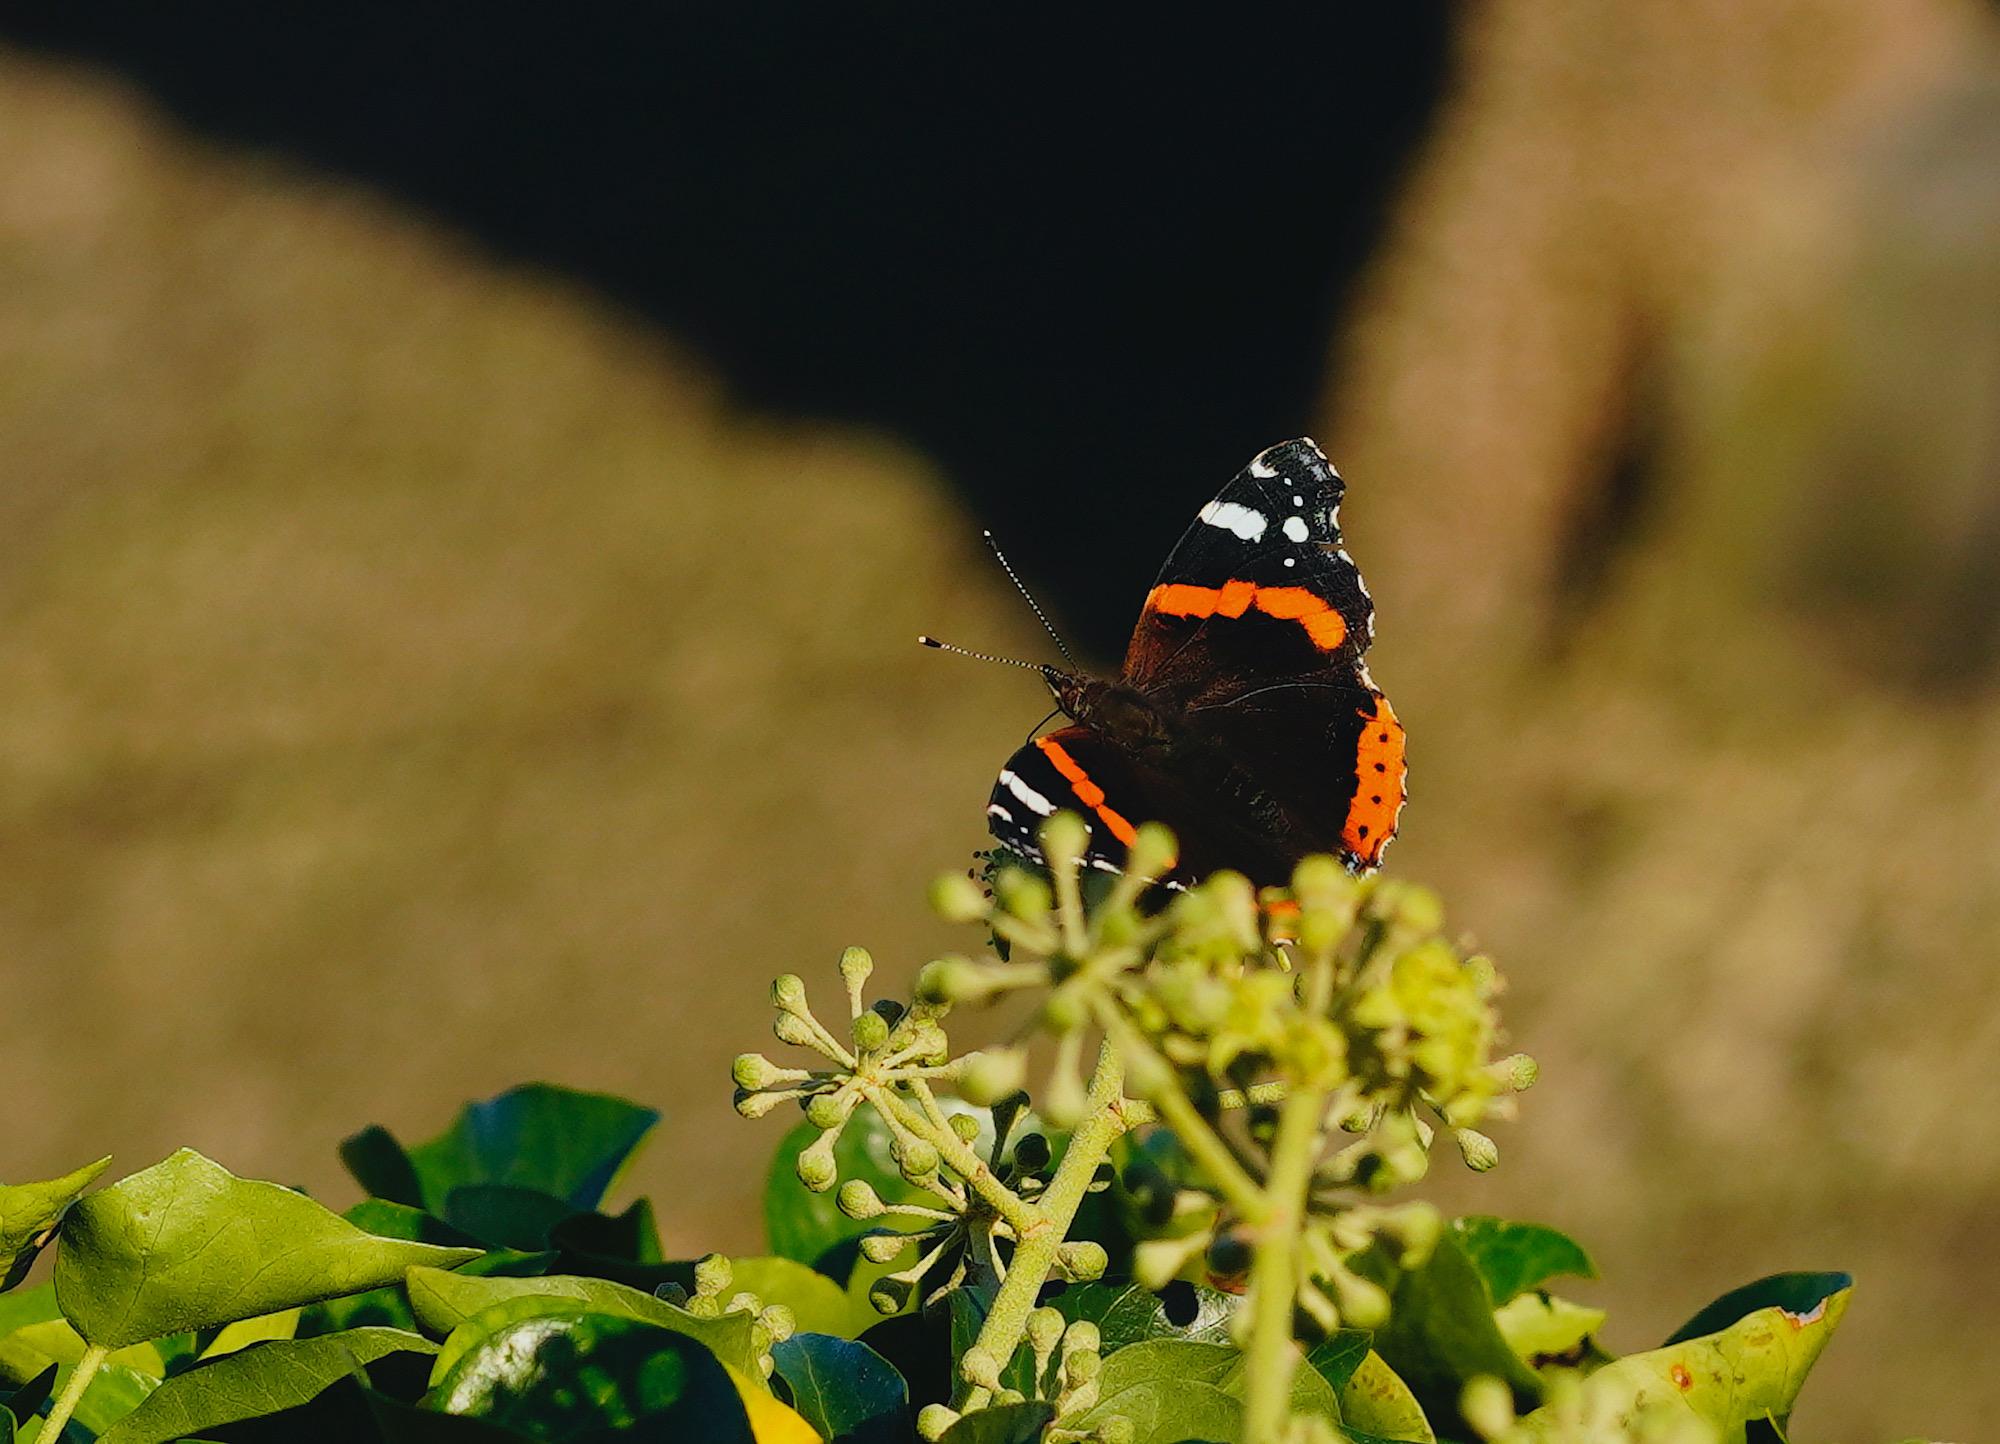 vlinder1 - 1